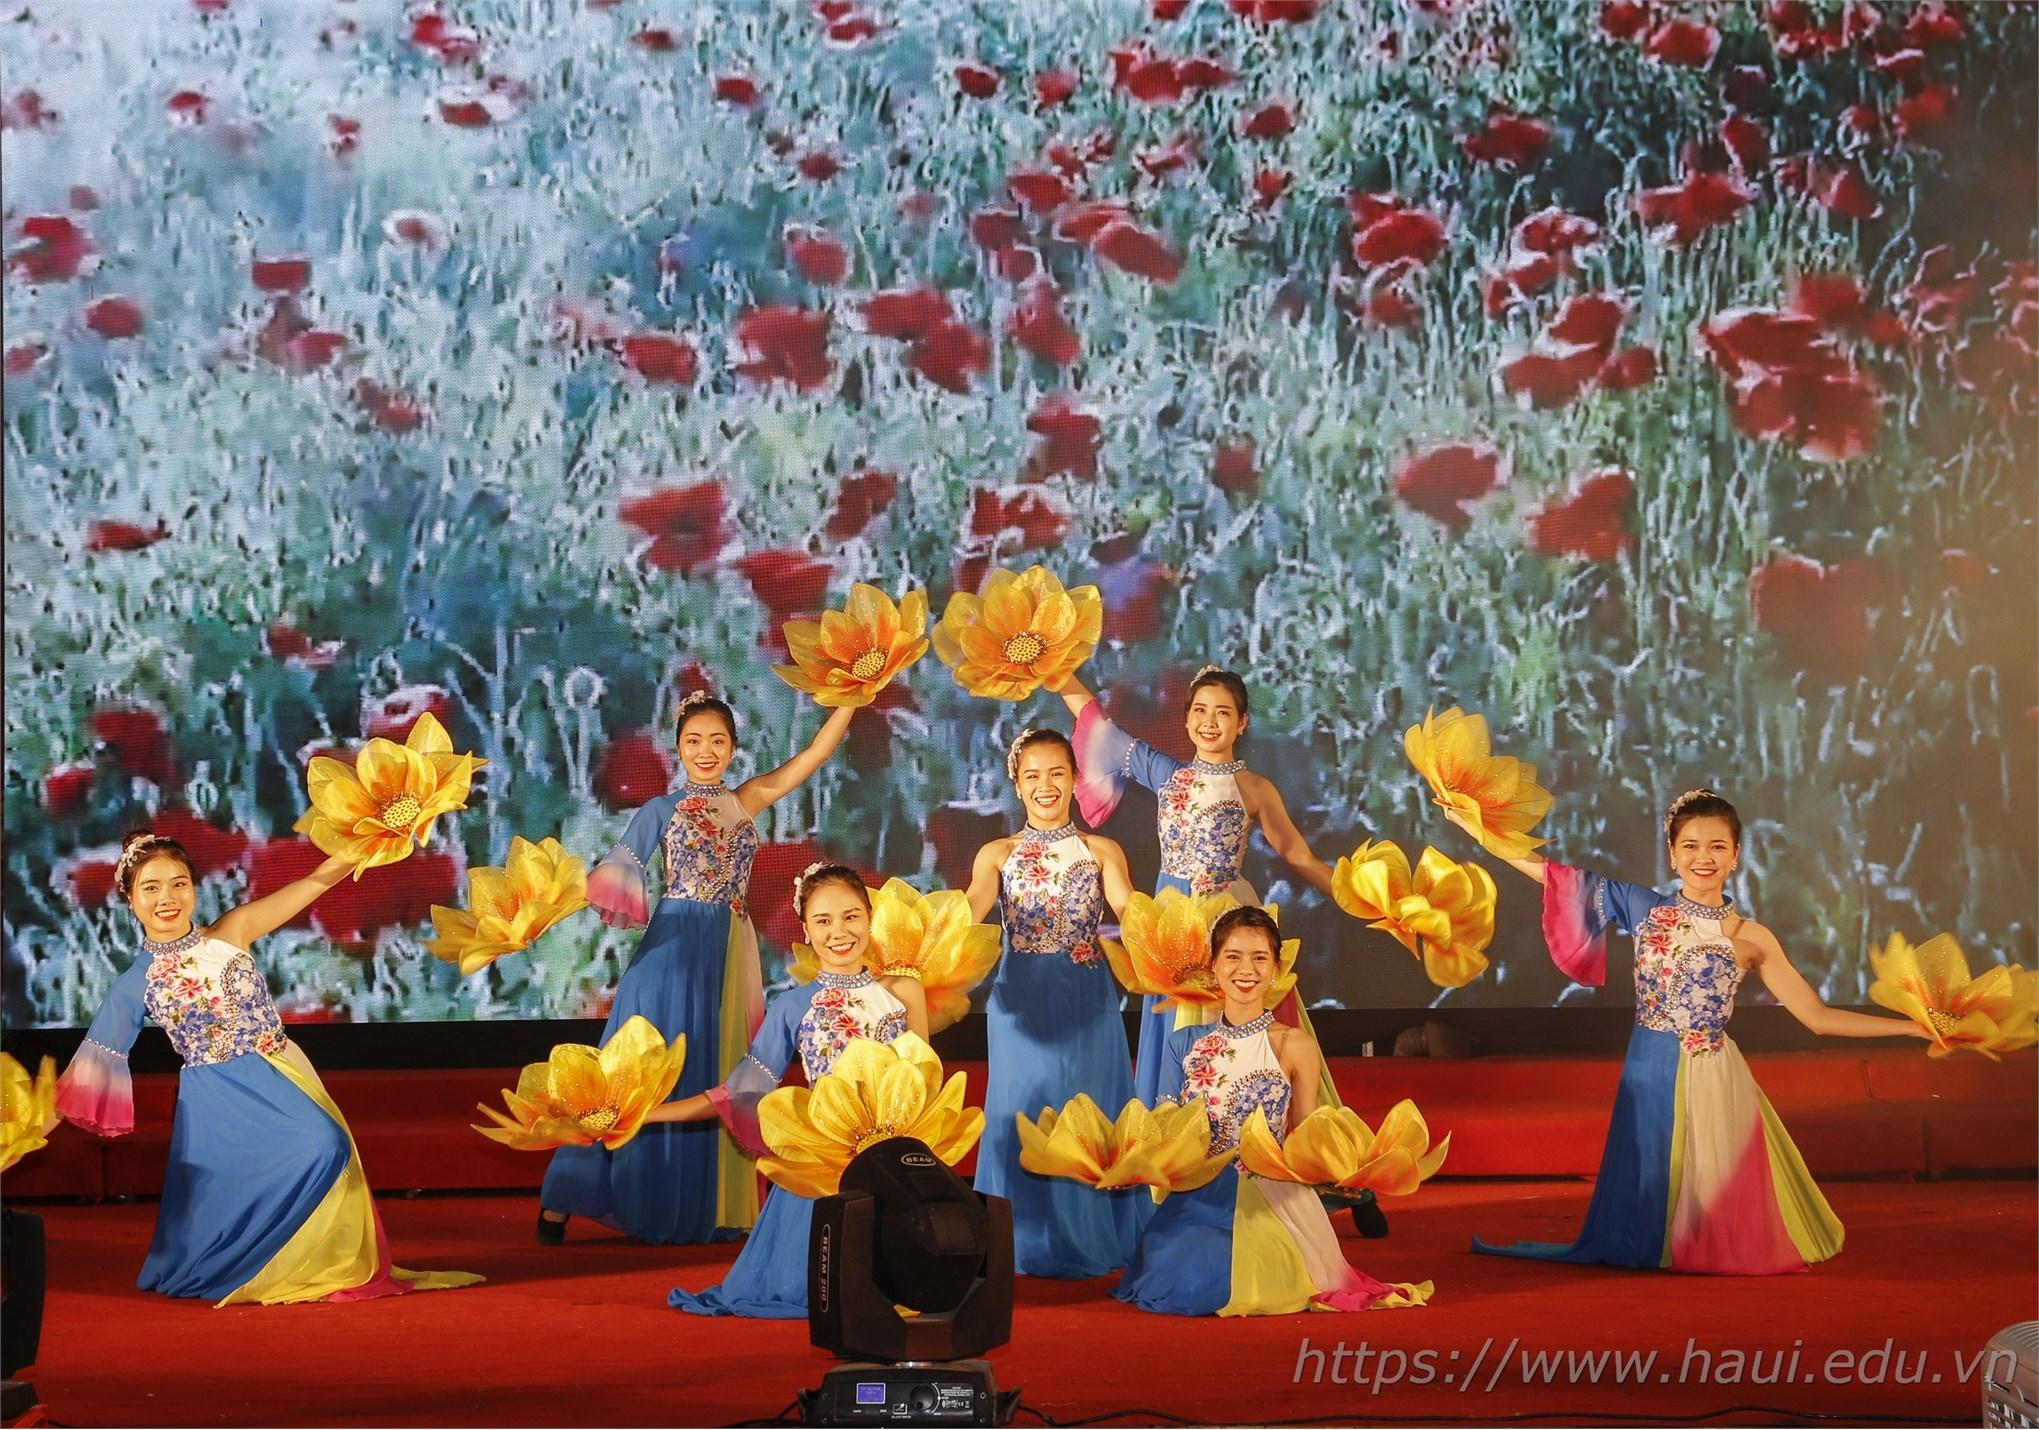 Đại học Công nghiệp Hà Nội đạt 2 giải vàng, 01 giải bạc và chứng nhận xuất sắc toàn đoàn tại Liên hoan Nghệ thuật Quần chúng tỉnh Hà Nam năm 2019